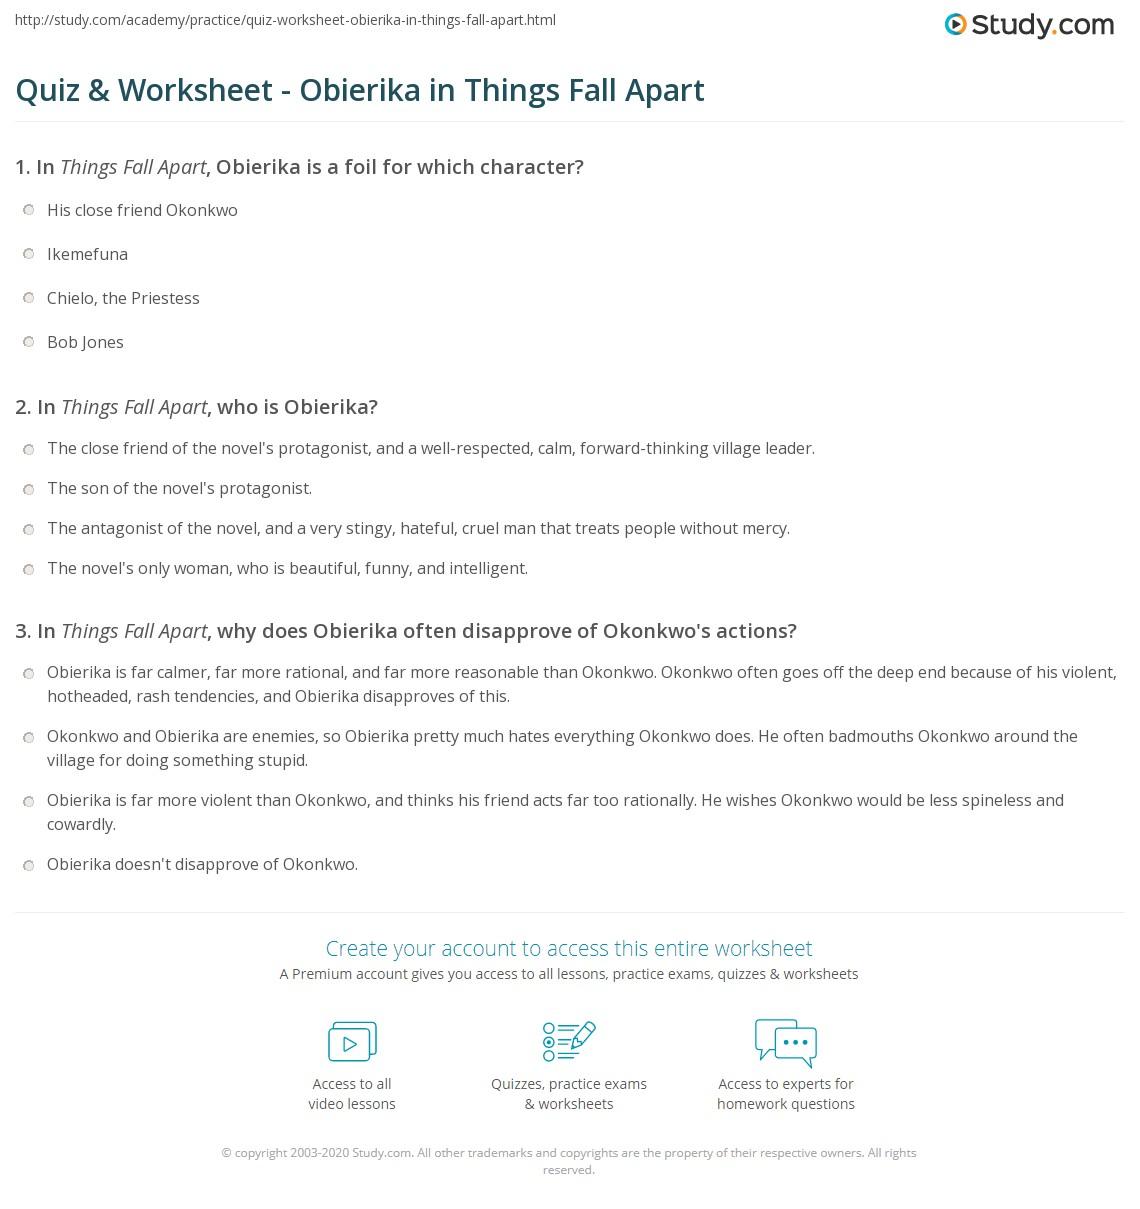 Quiz & Worksheet - Obierika In Things Fall Apart